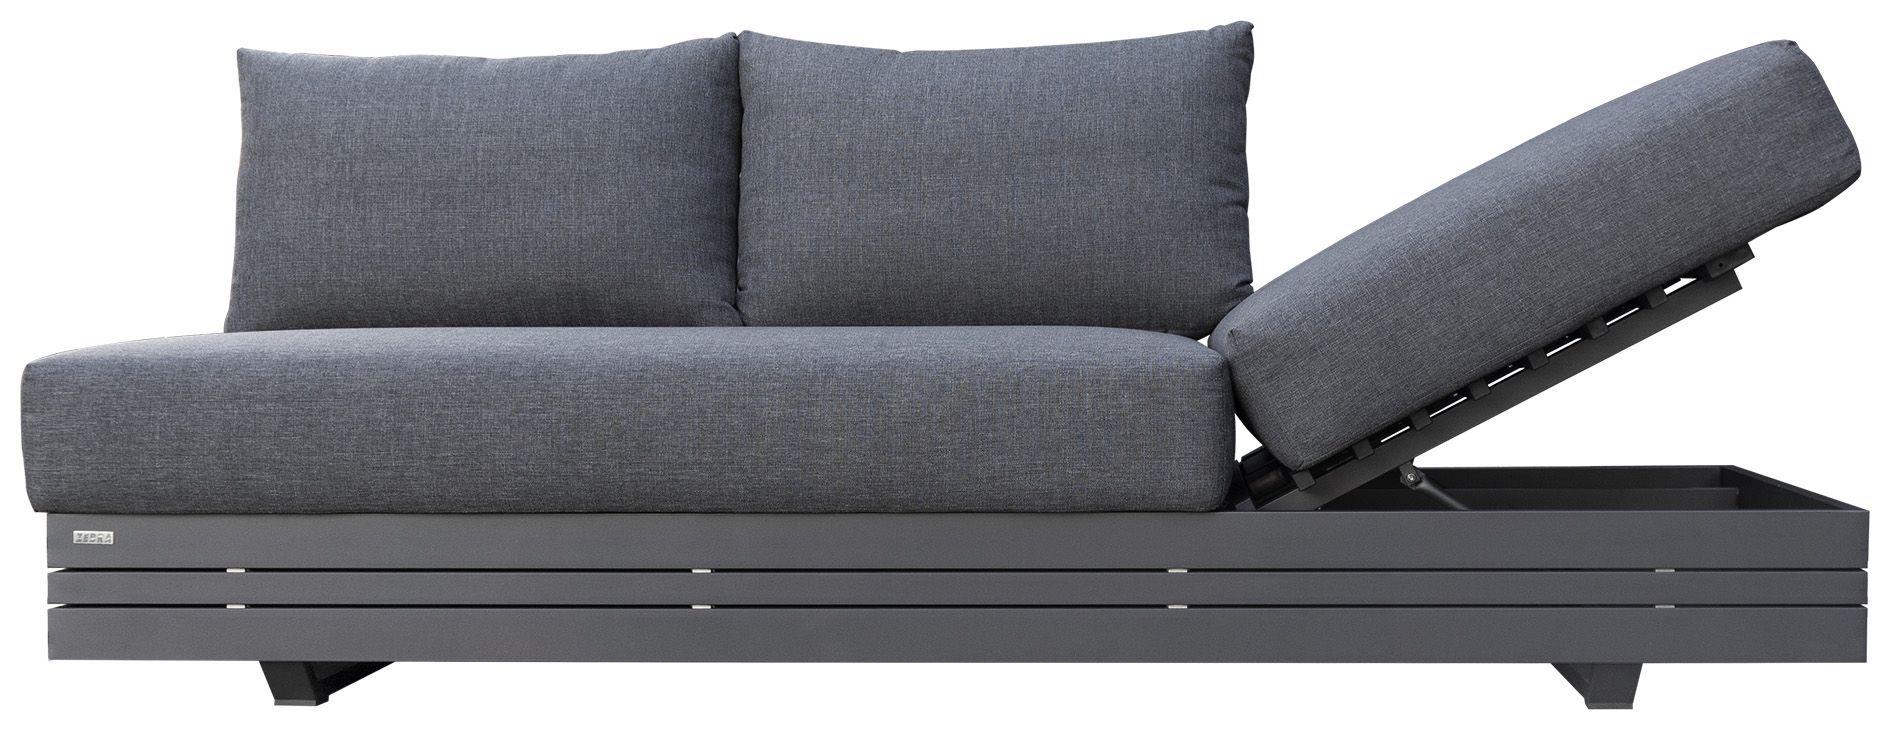 Full Size of Couch Terrasse Zebra Cubo Lounge 3 Sitzer 6270 Fr Ihre Kunsthandel Wohnzimmer Couch Terrasse